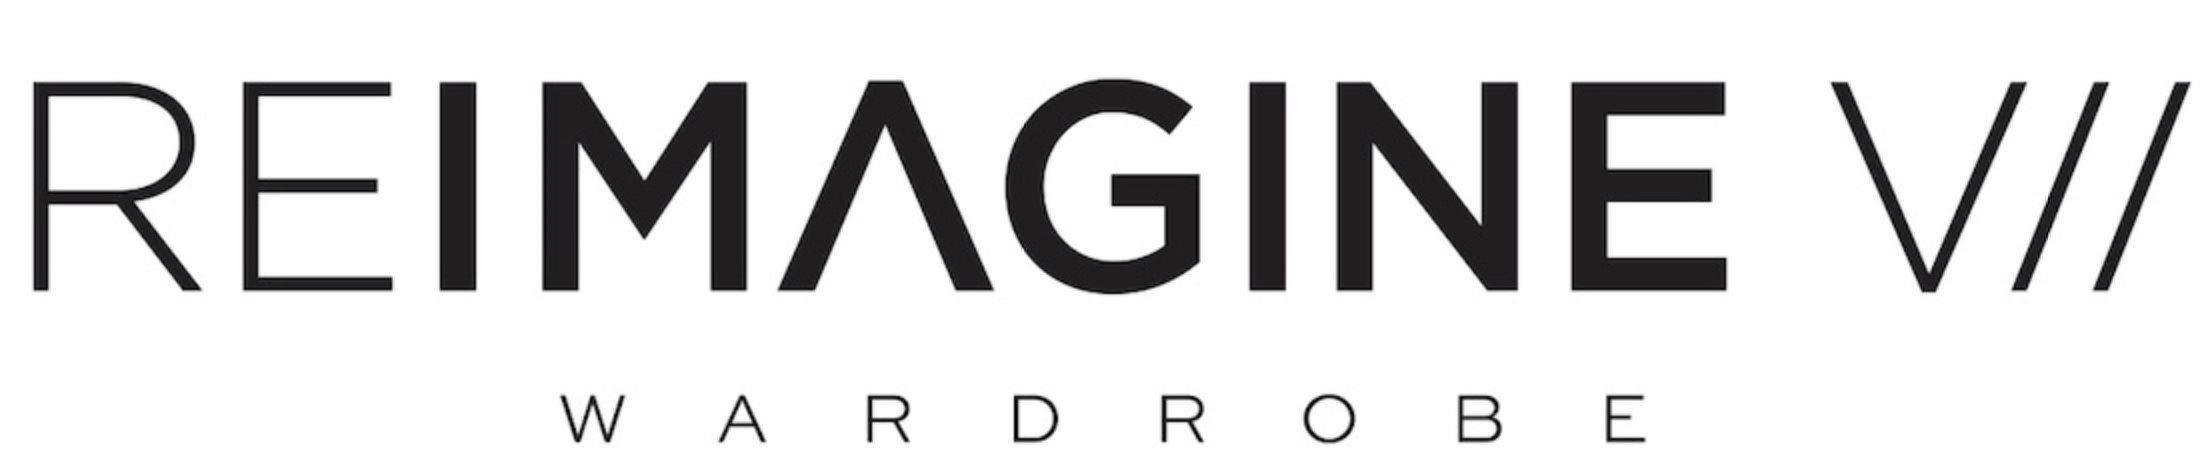 Trademark Logo REIMAGINE VII WARDROBE